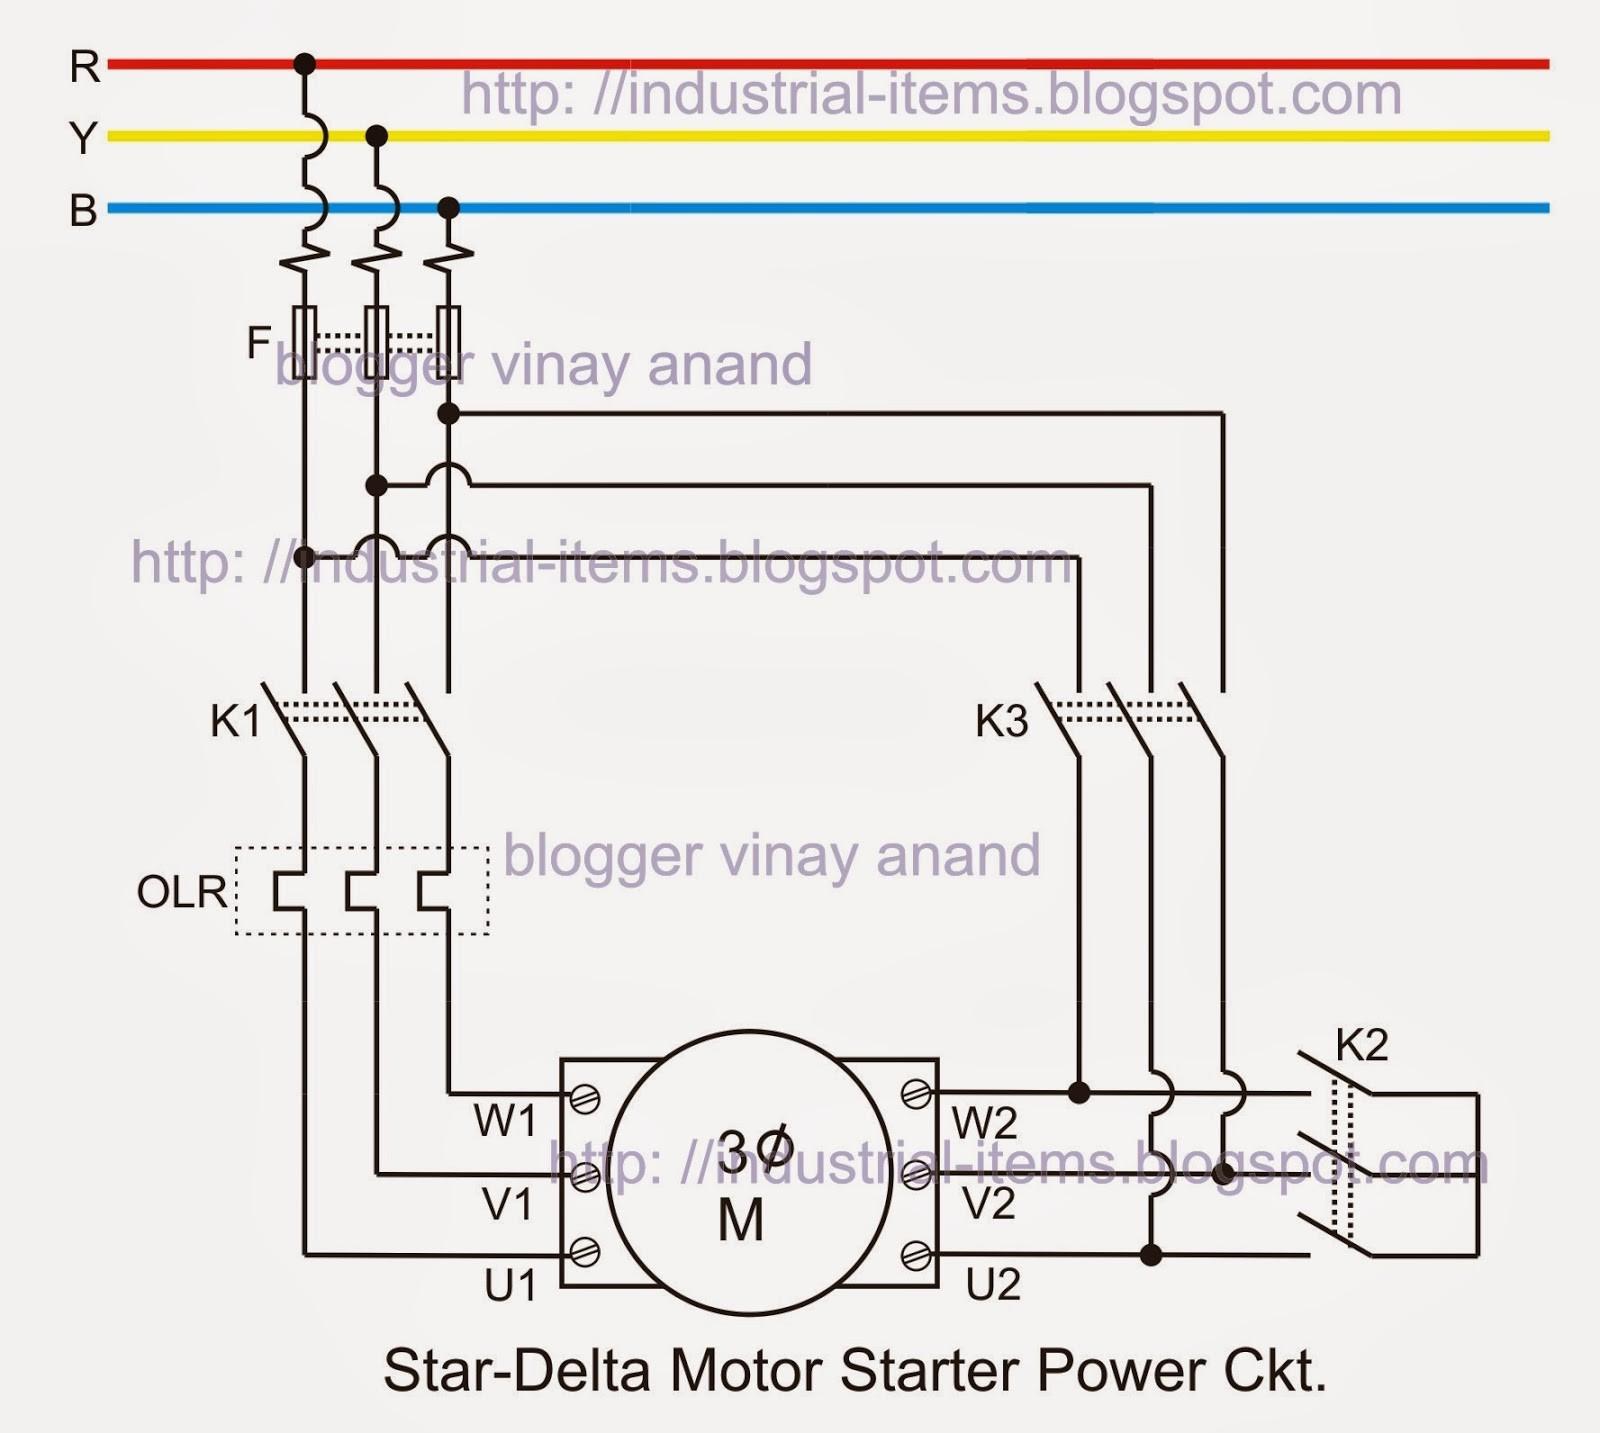 3 Phase Electric Motor Wiring Diagram Pdf Free Sample Auto Electrical Wiring Diagram